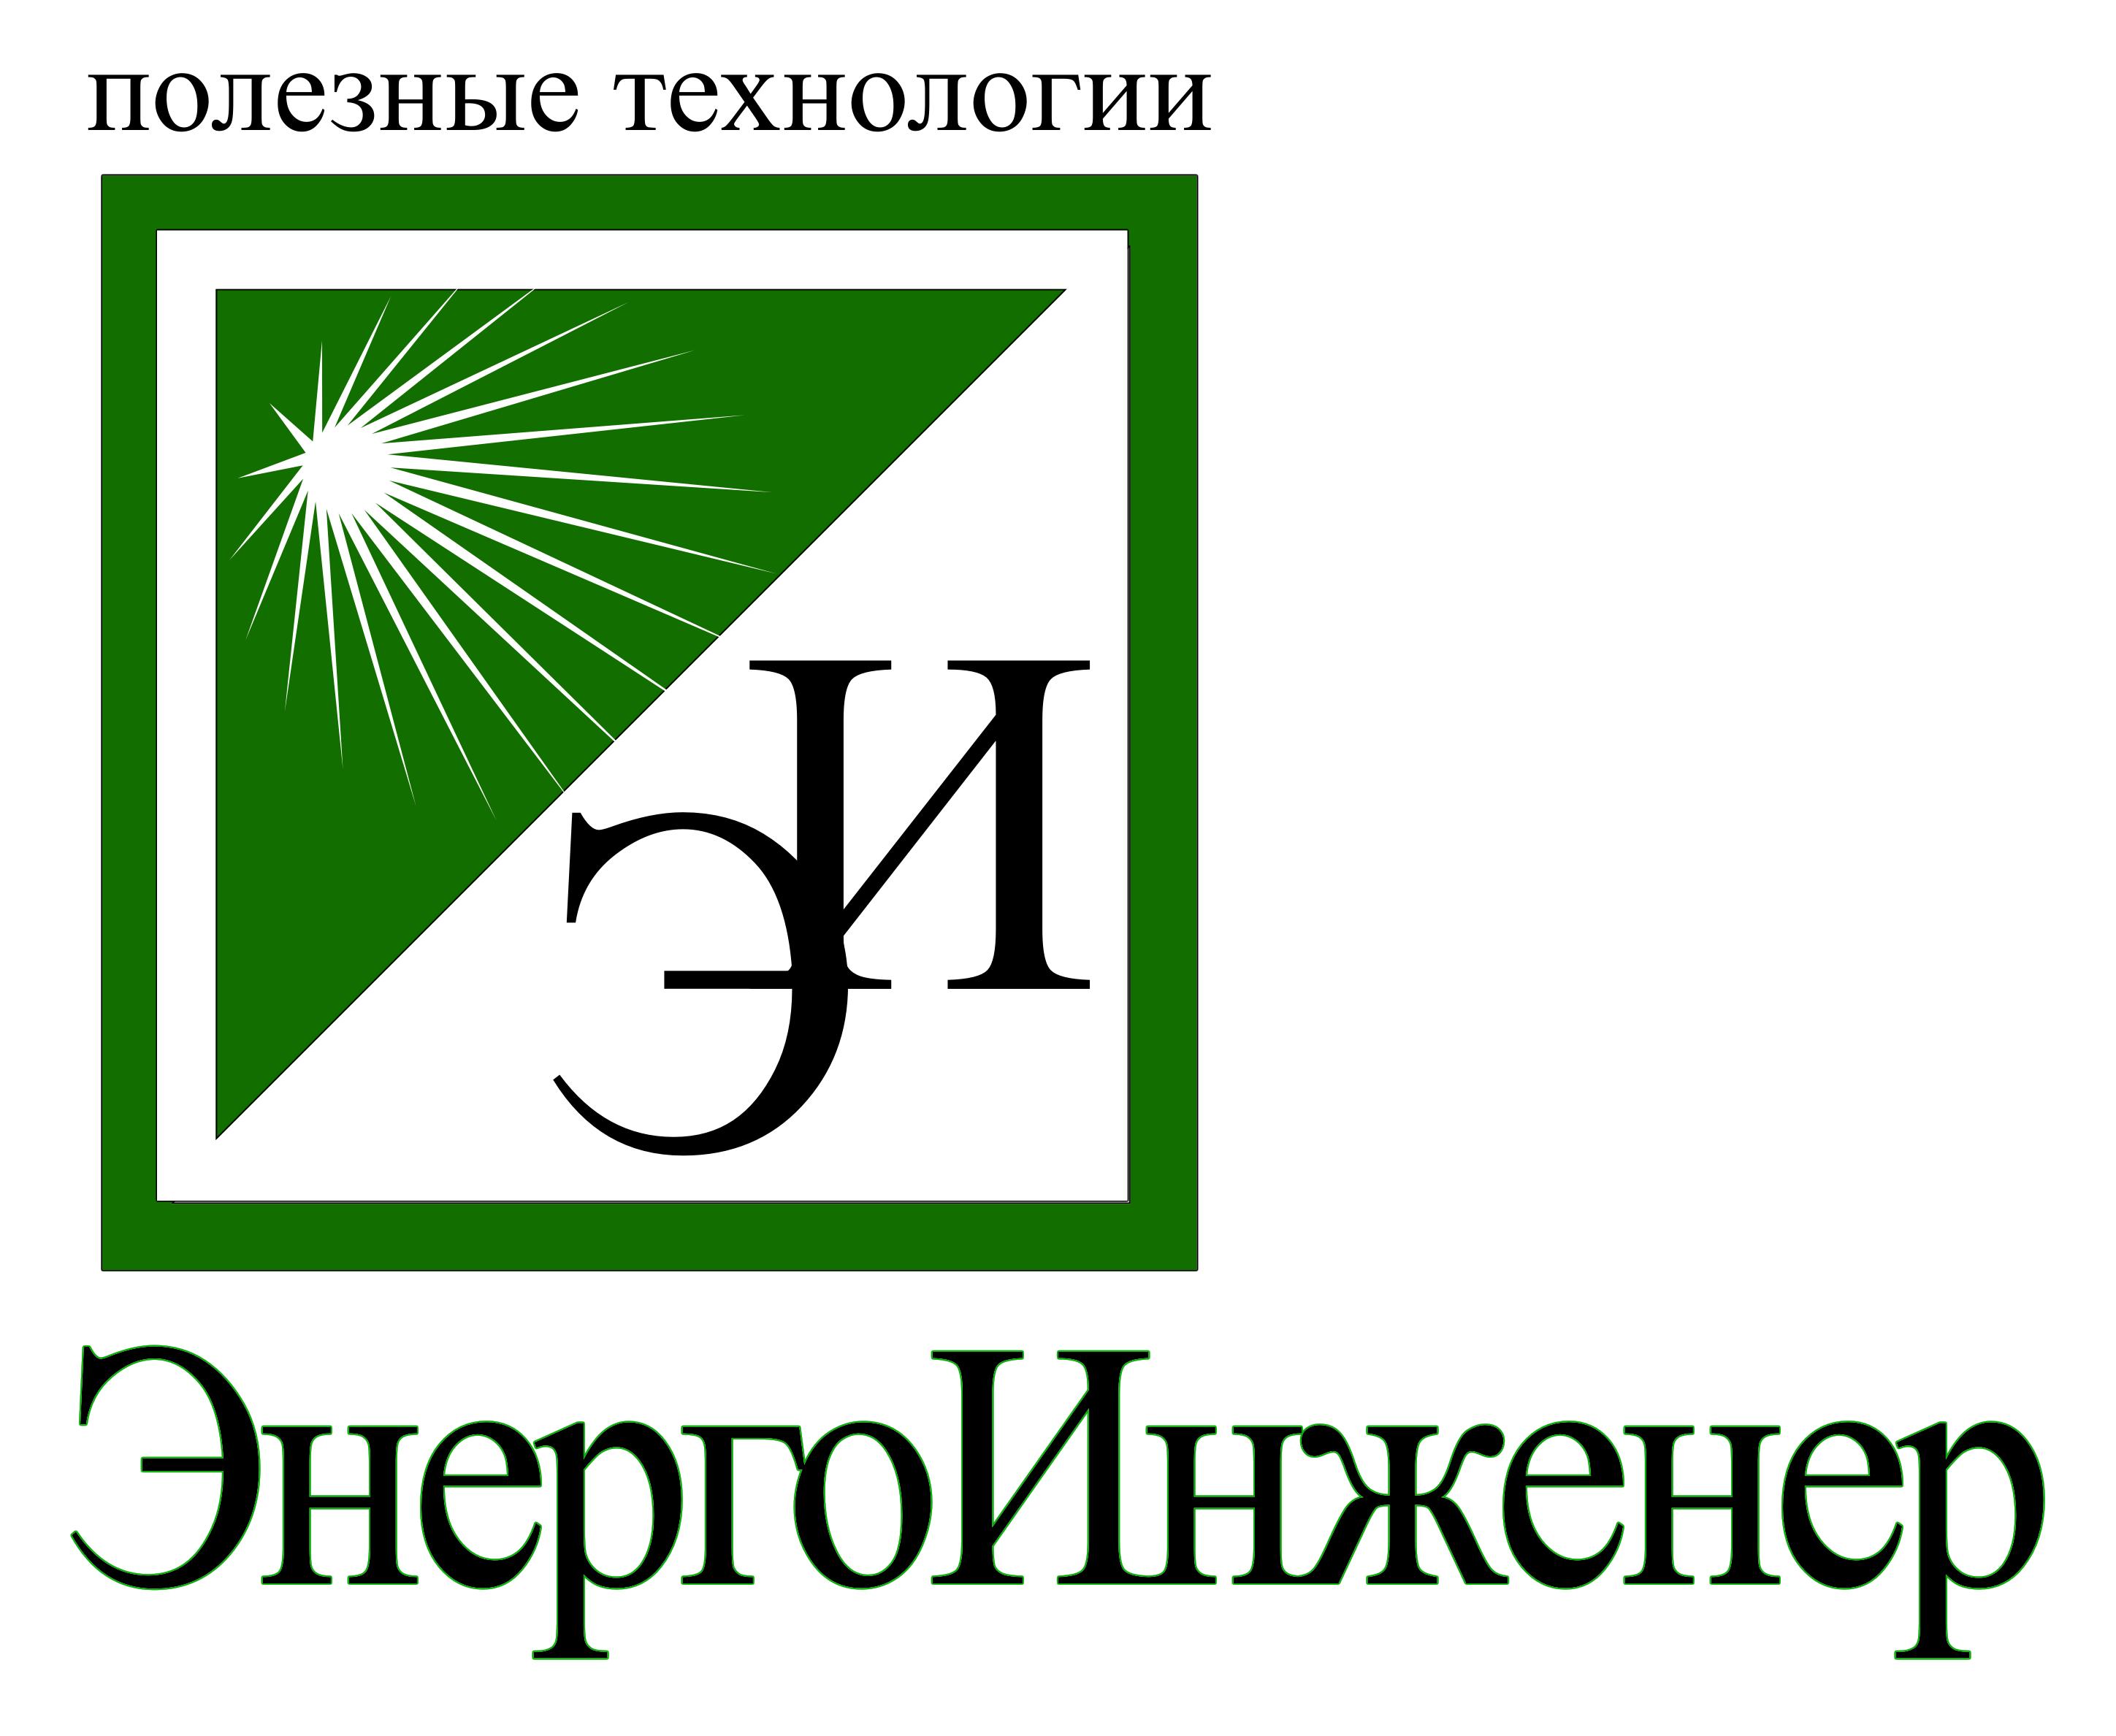 Логотип для инженерной компании фото f_83051cdb6057d514.png